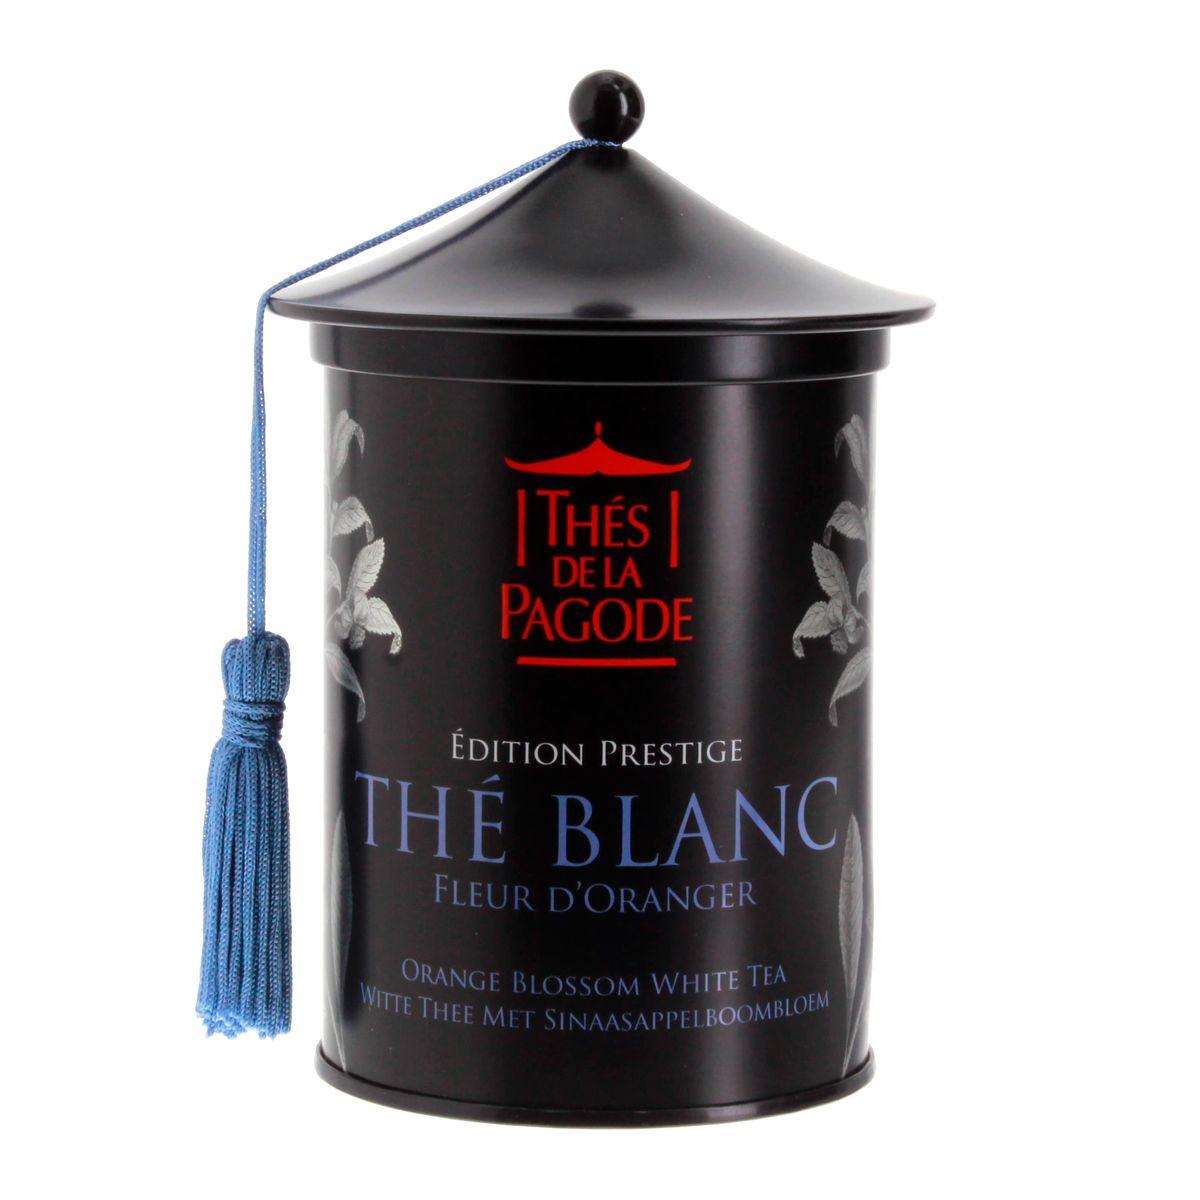 Thé blanc bio fleur d´oranger édition prestige 100gr - Thés de la Pagode